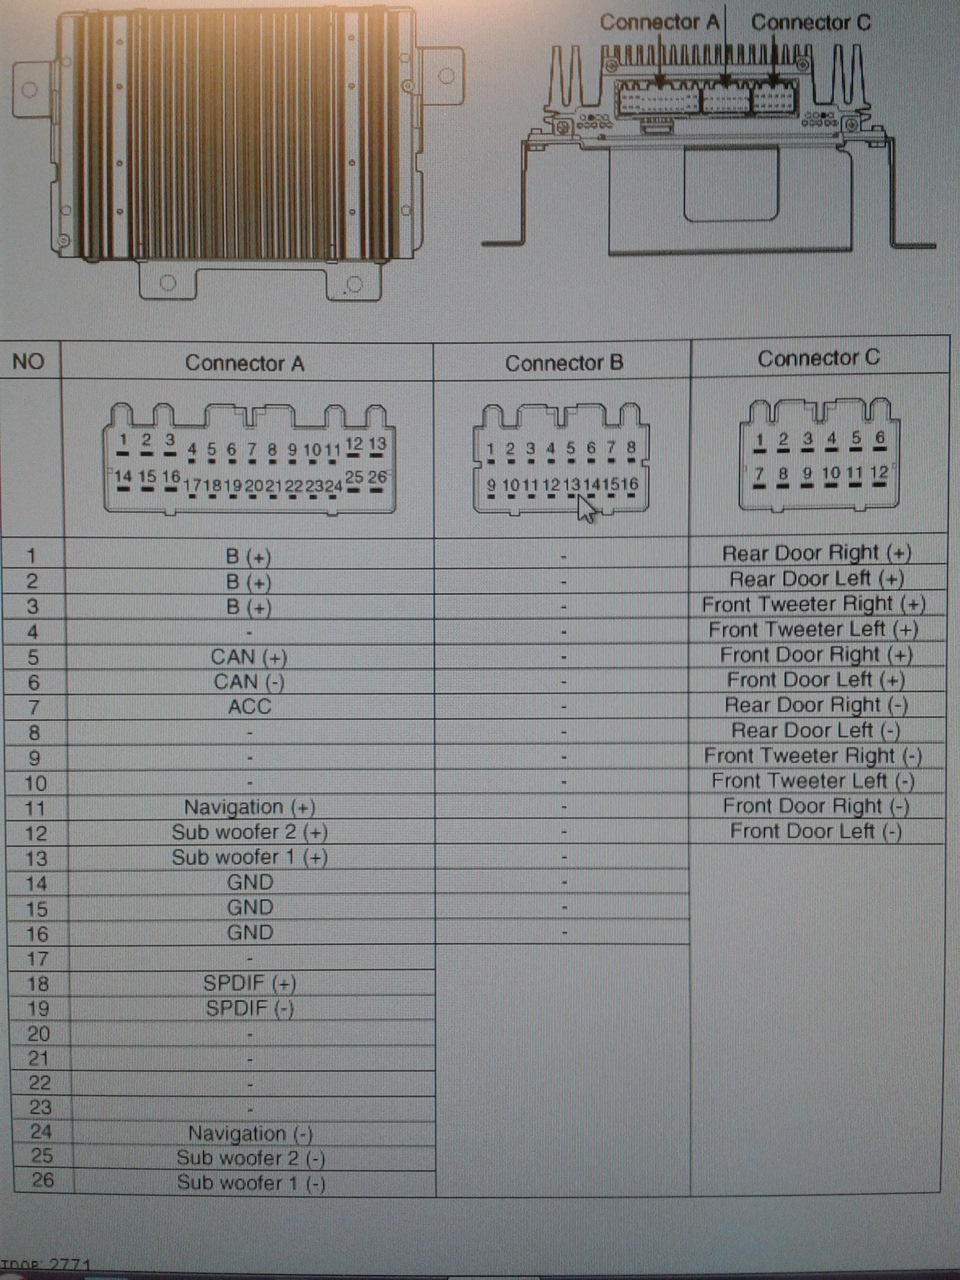 Farenheit dvt-657 подключения схема